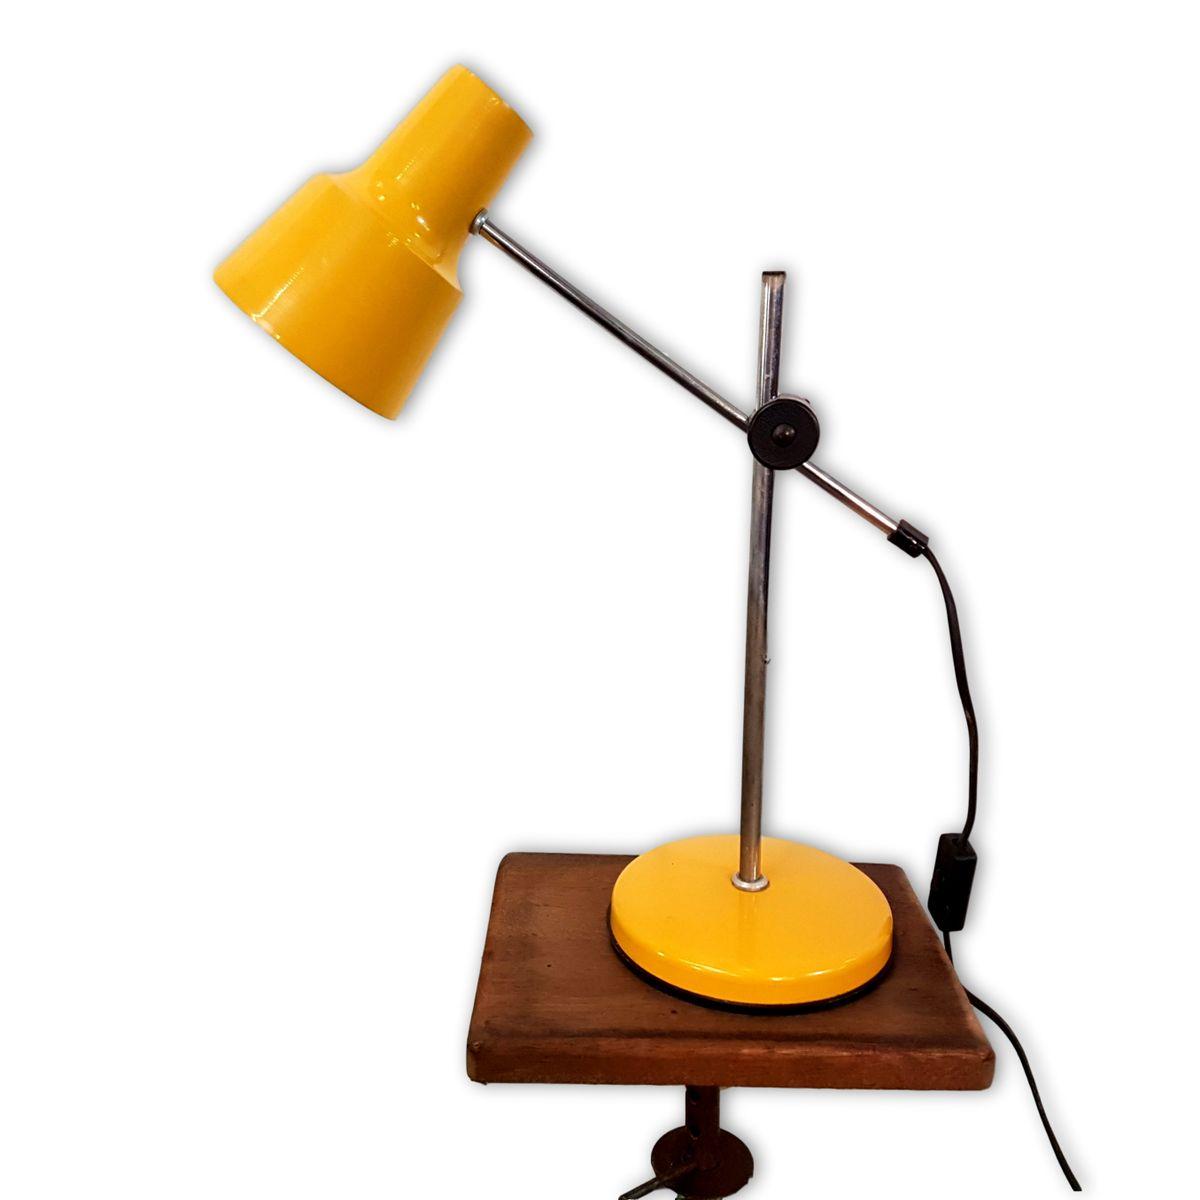 Anpassbare Schreibtischlampe in Gelb, 1970er